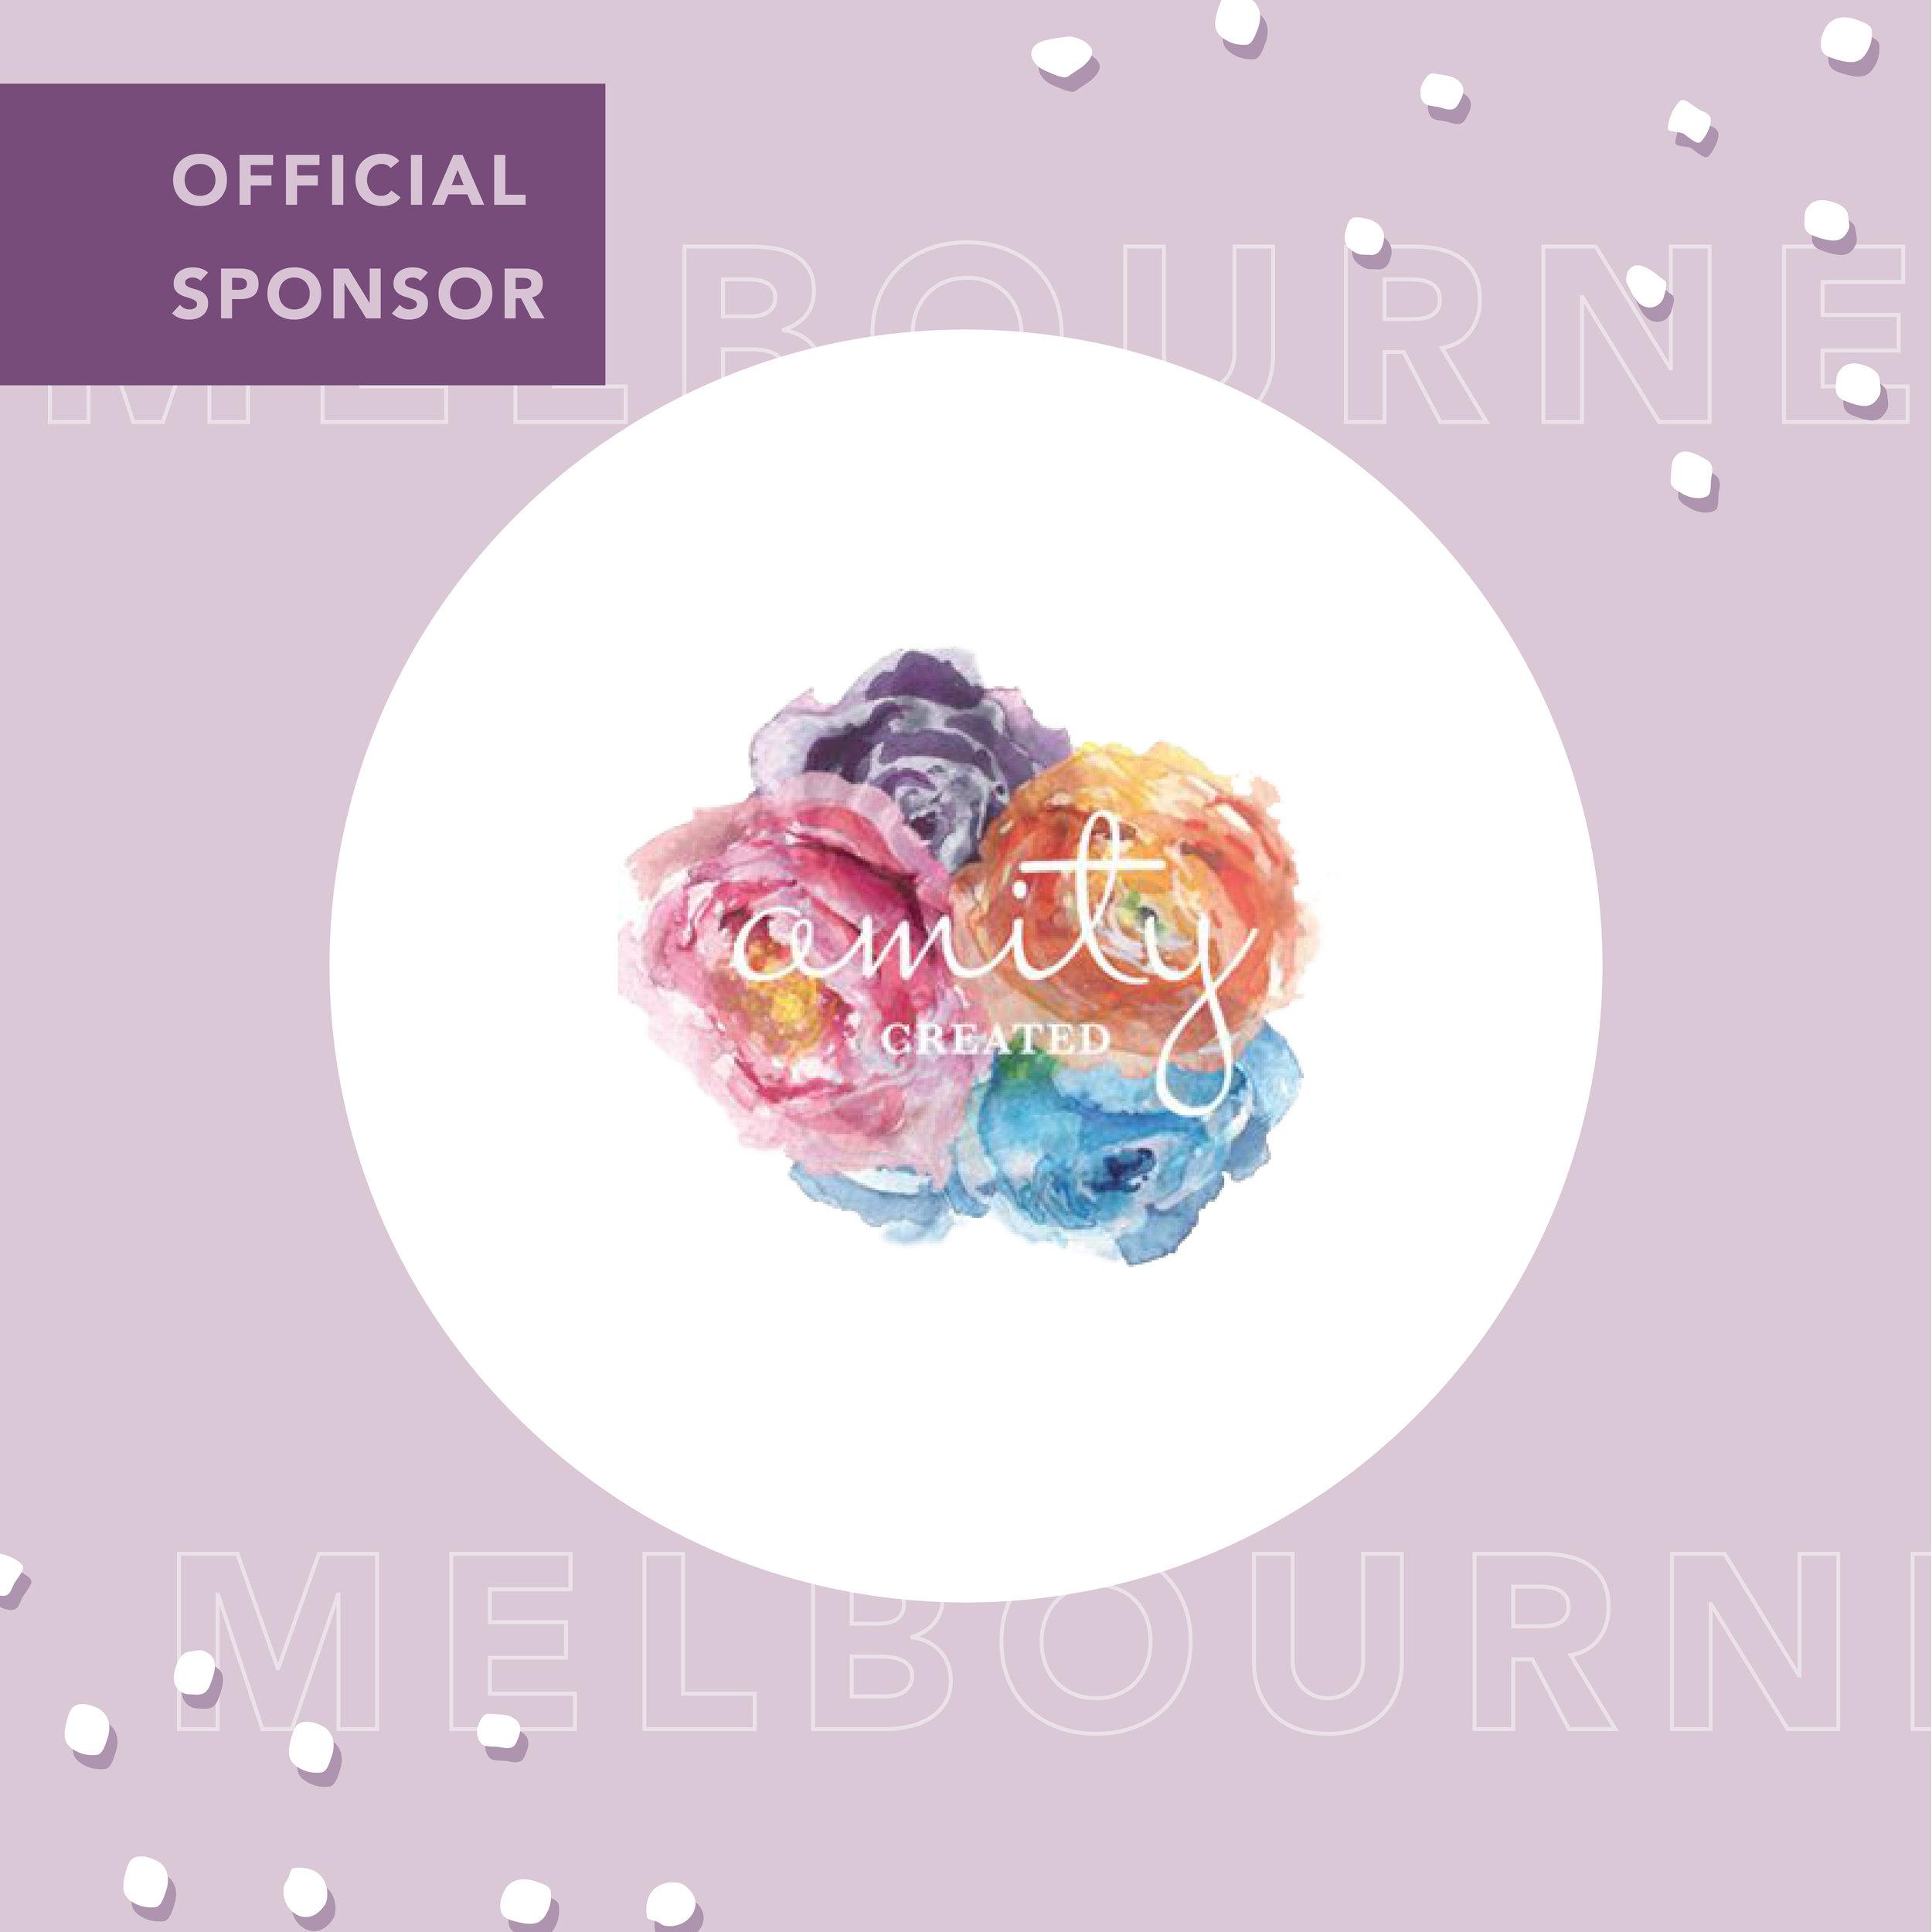 Sponsor Logos For Melbourne 20183.jpg